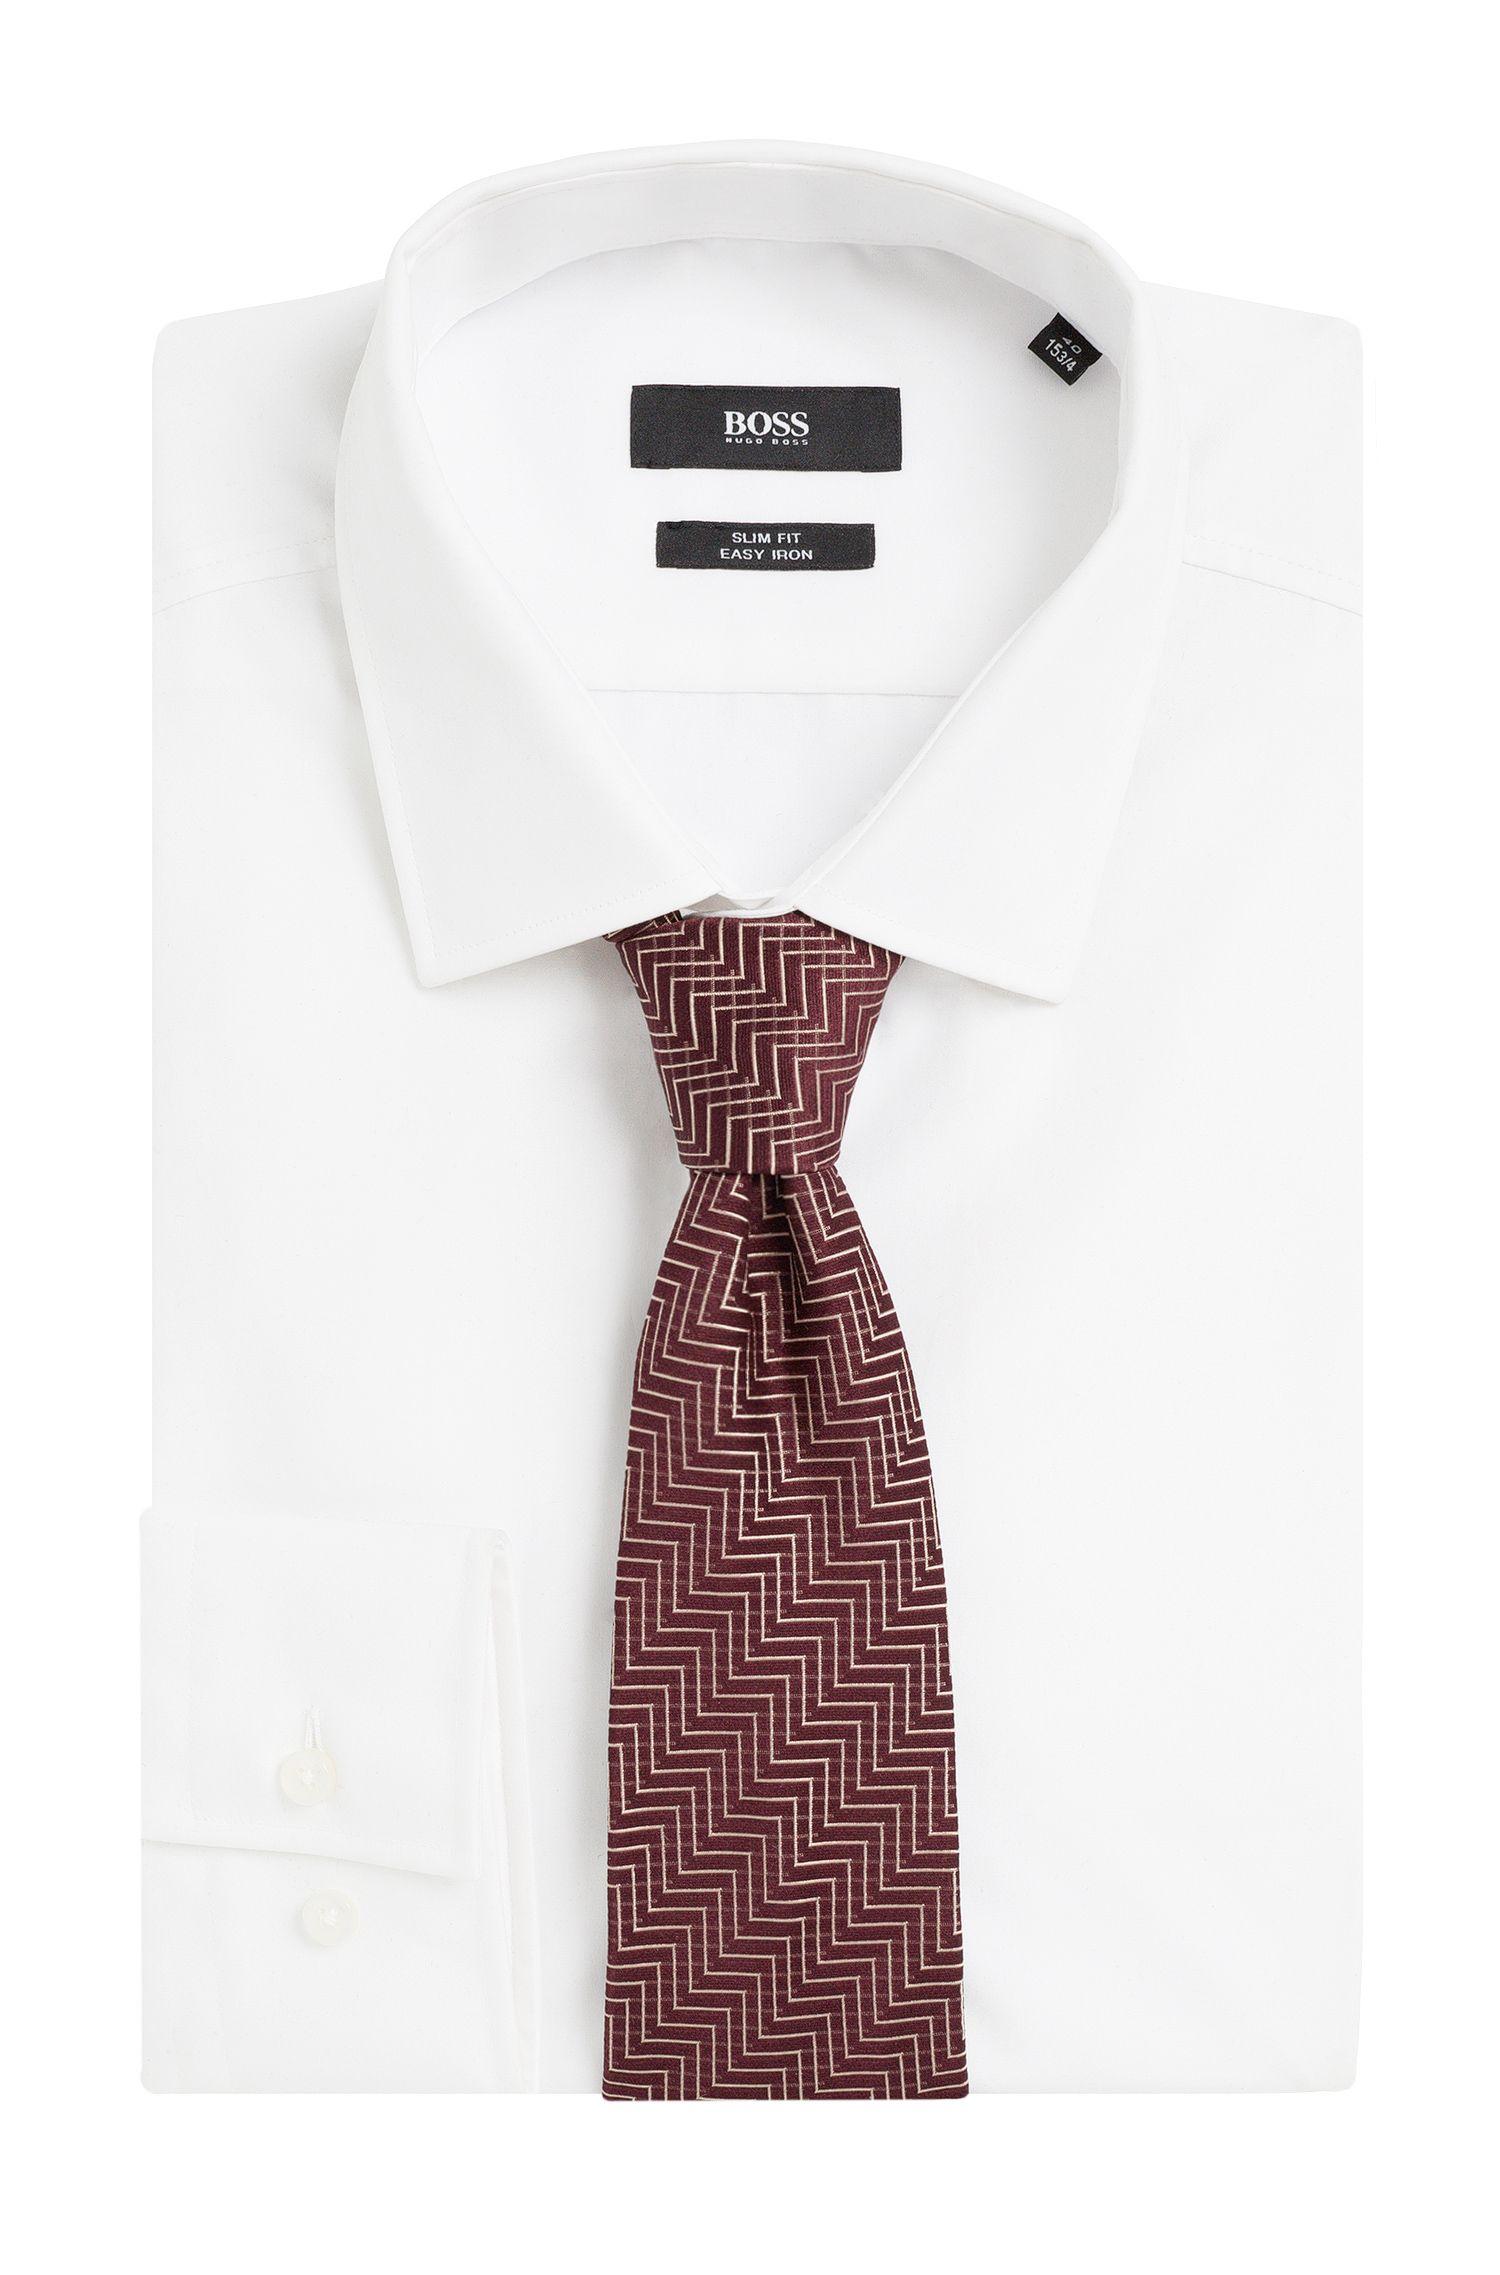 Krawatte aus Seide mit Zickzack-Muster: Tie 7,5 cm